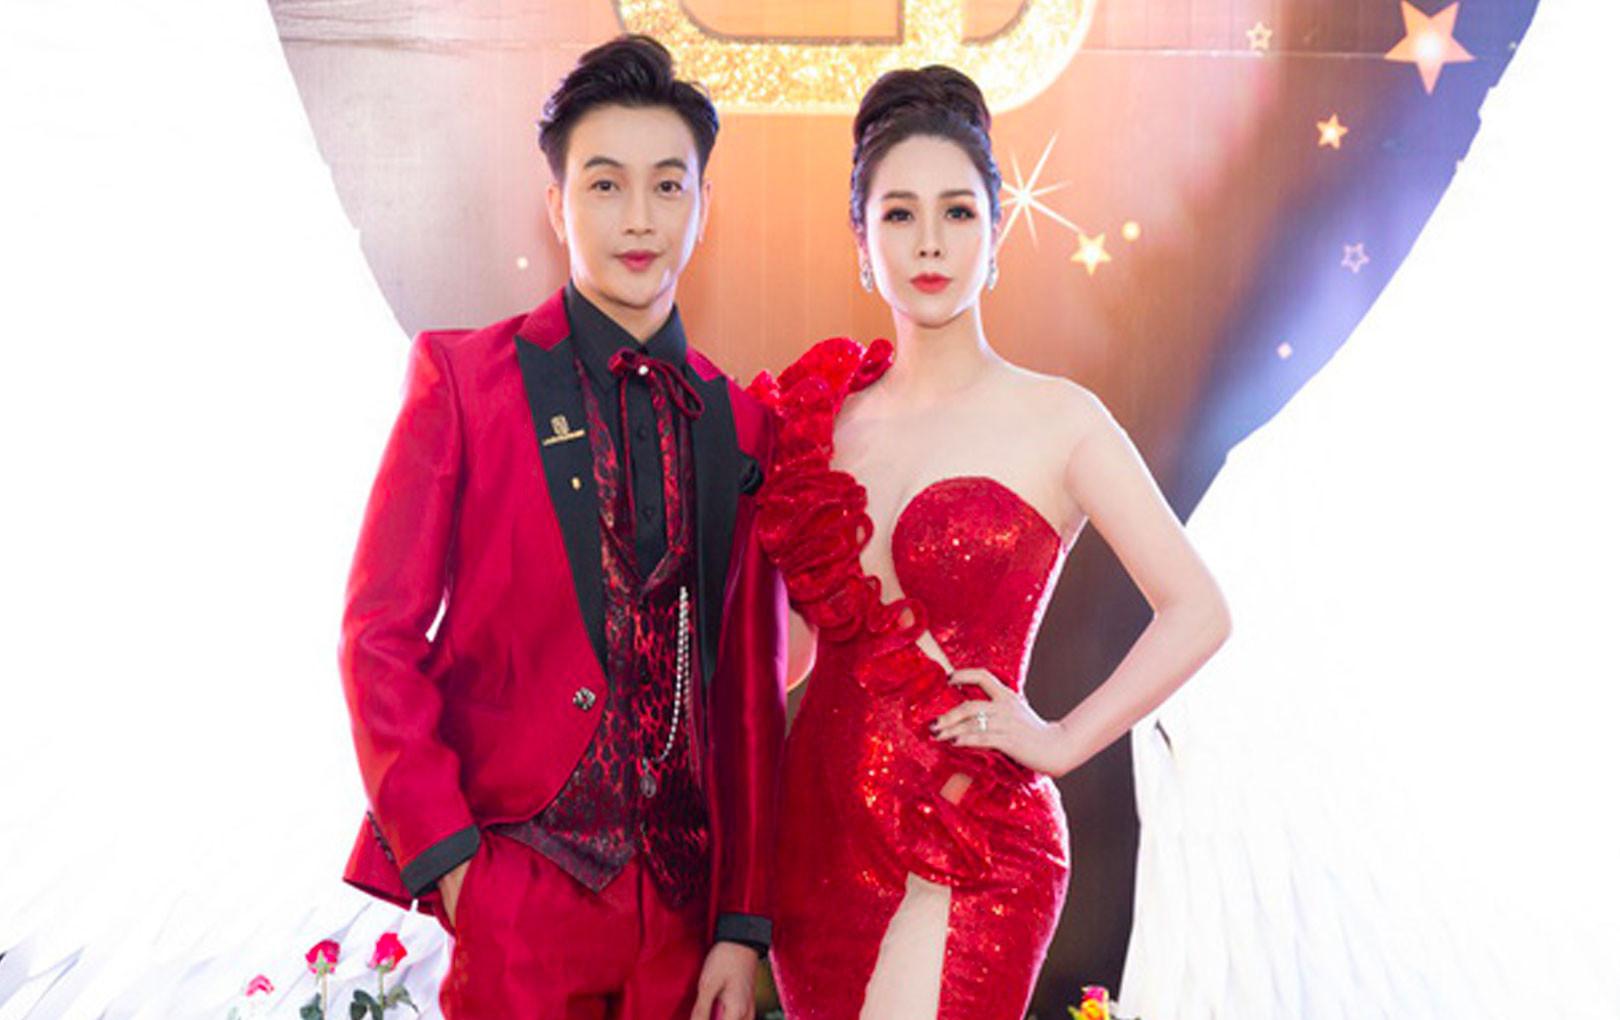 Titi HKT xuất hiện bảnh bao dự sinh nhật Nhật Kim Anh hậu đăng đàn thanh xuân bị bóc lột sức lao động, lợi dụng